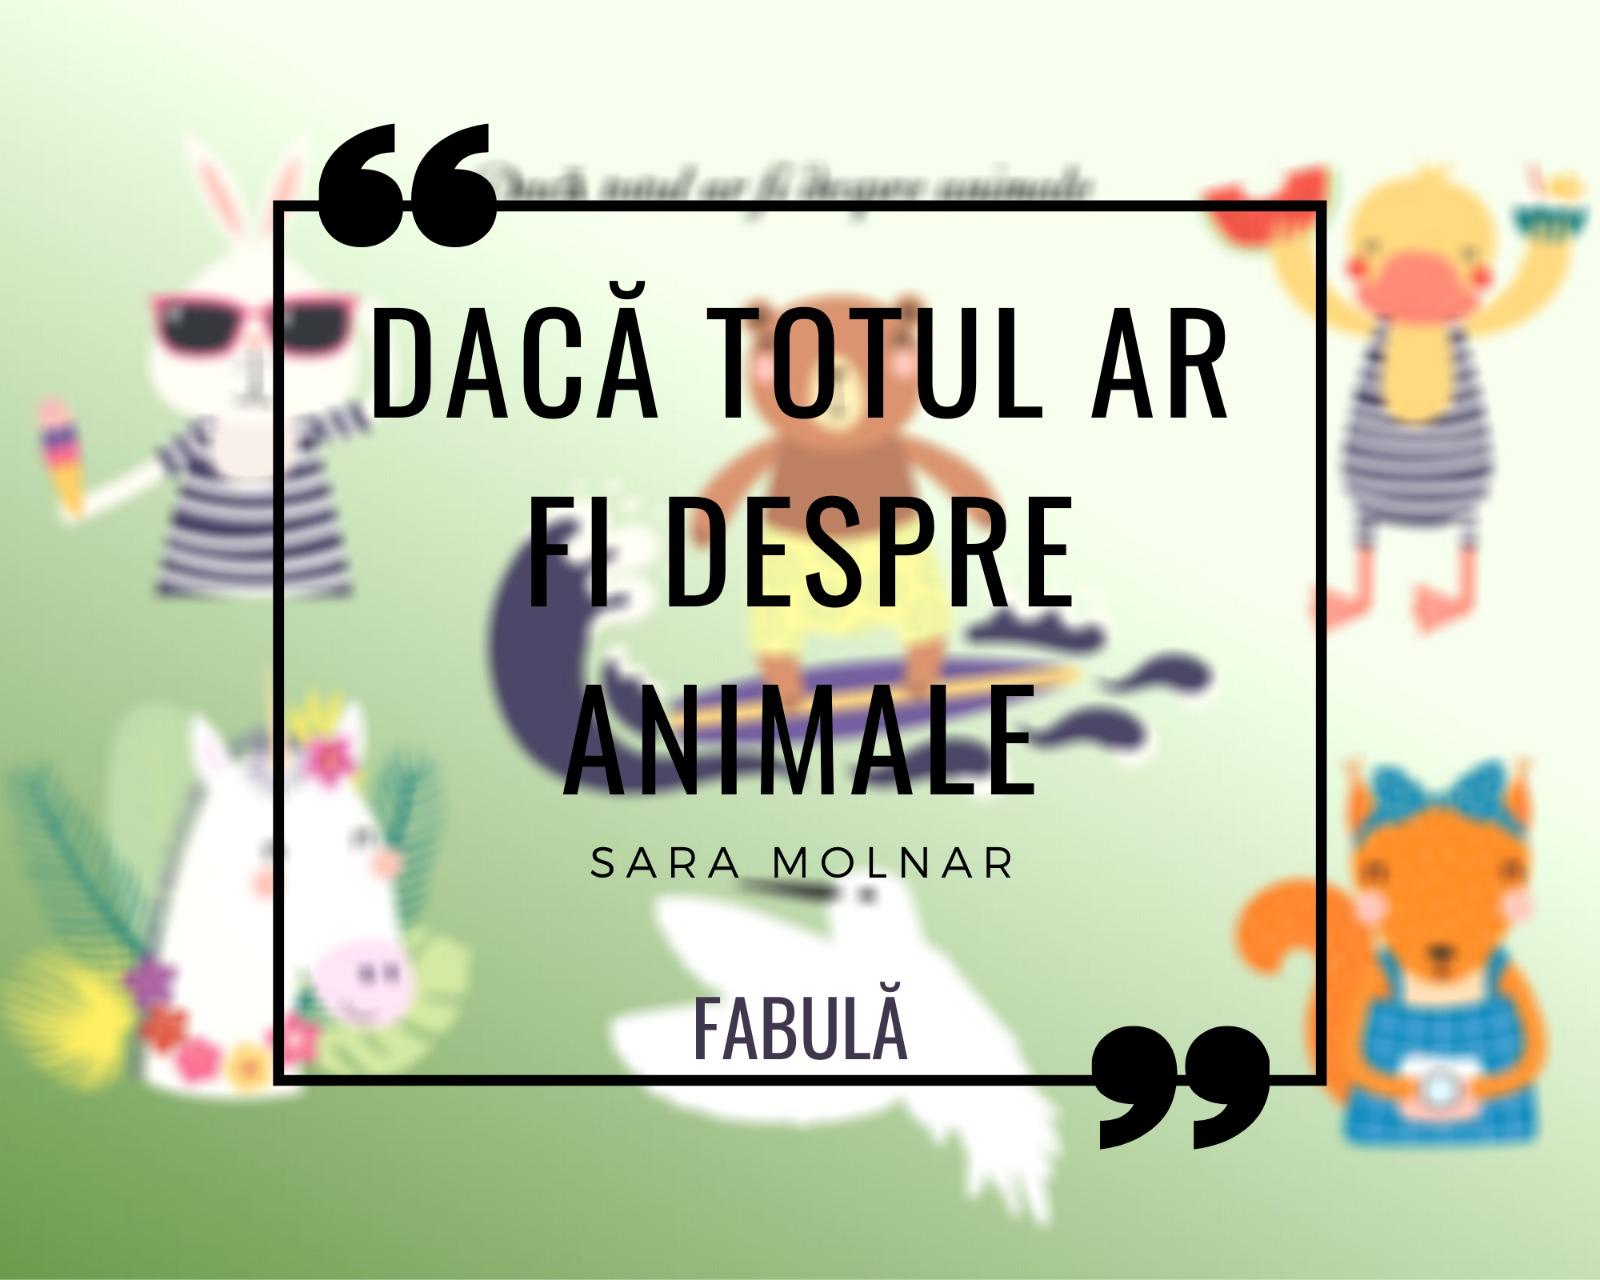 Dacă totul ar fi despre animale?